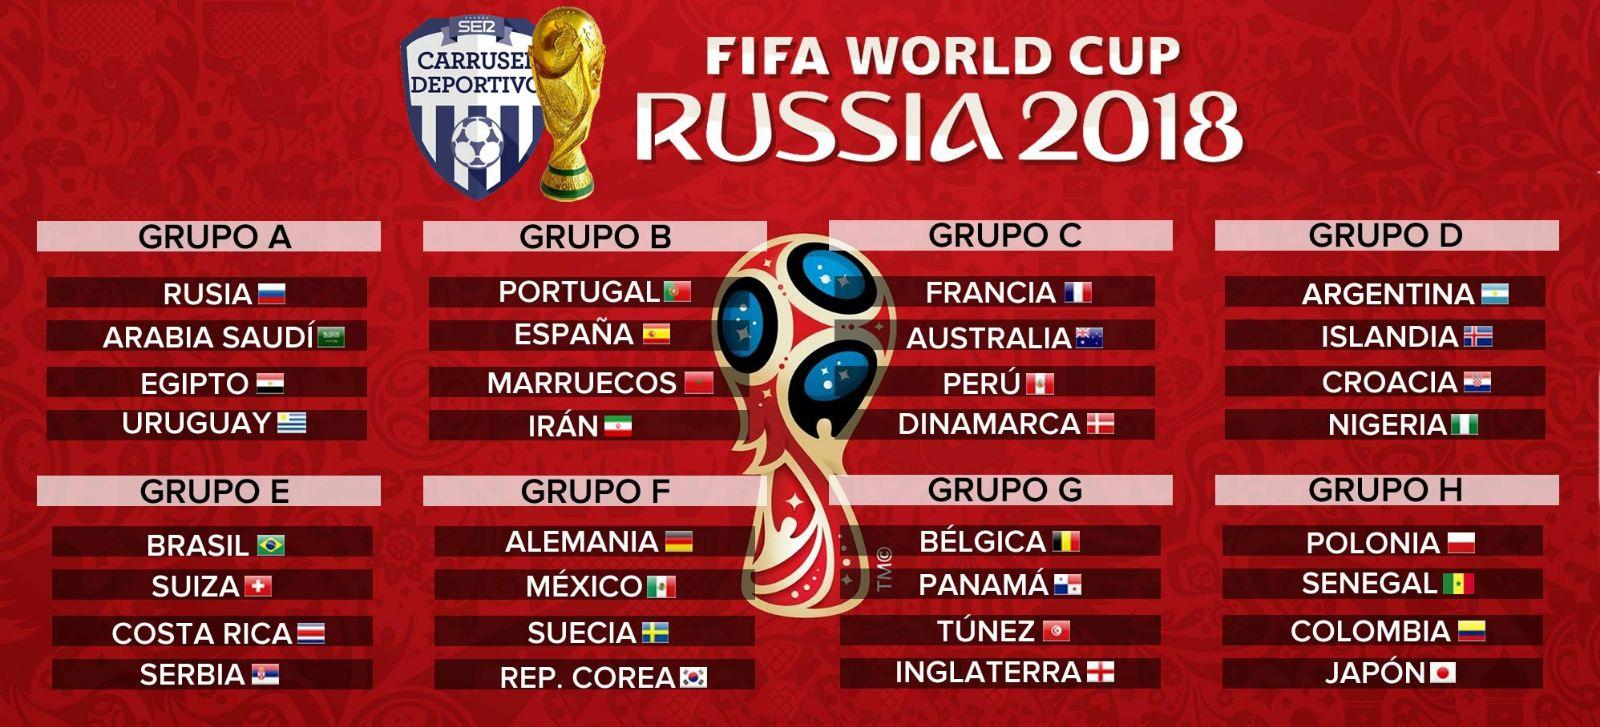 Mundial Rusia 2018 - Página 2 Ndice